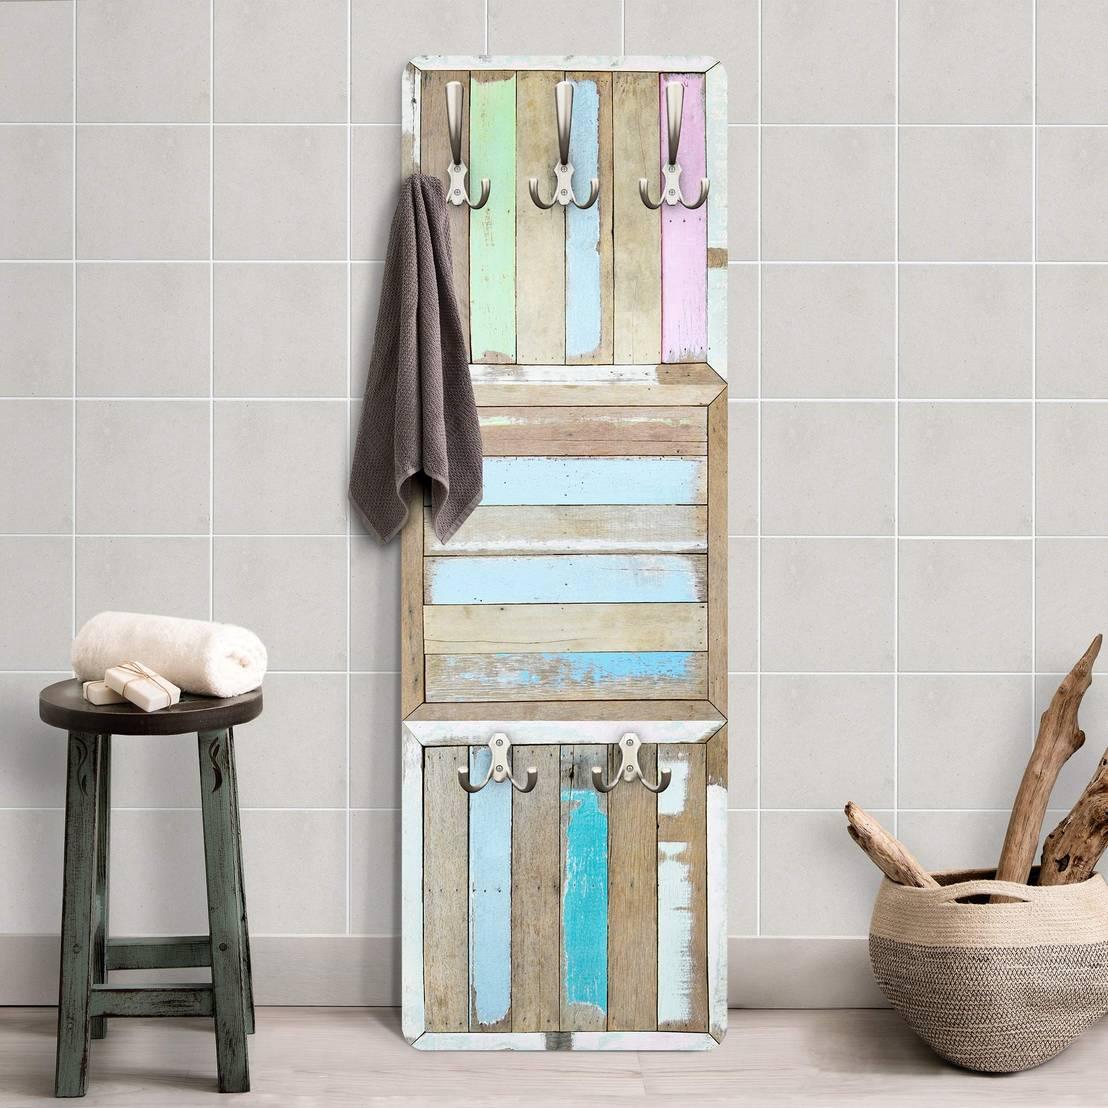 Badezimmer Ideen - Bad gestalten leicht gemacht von Bilderwelten ...